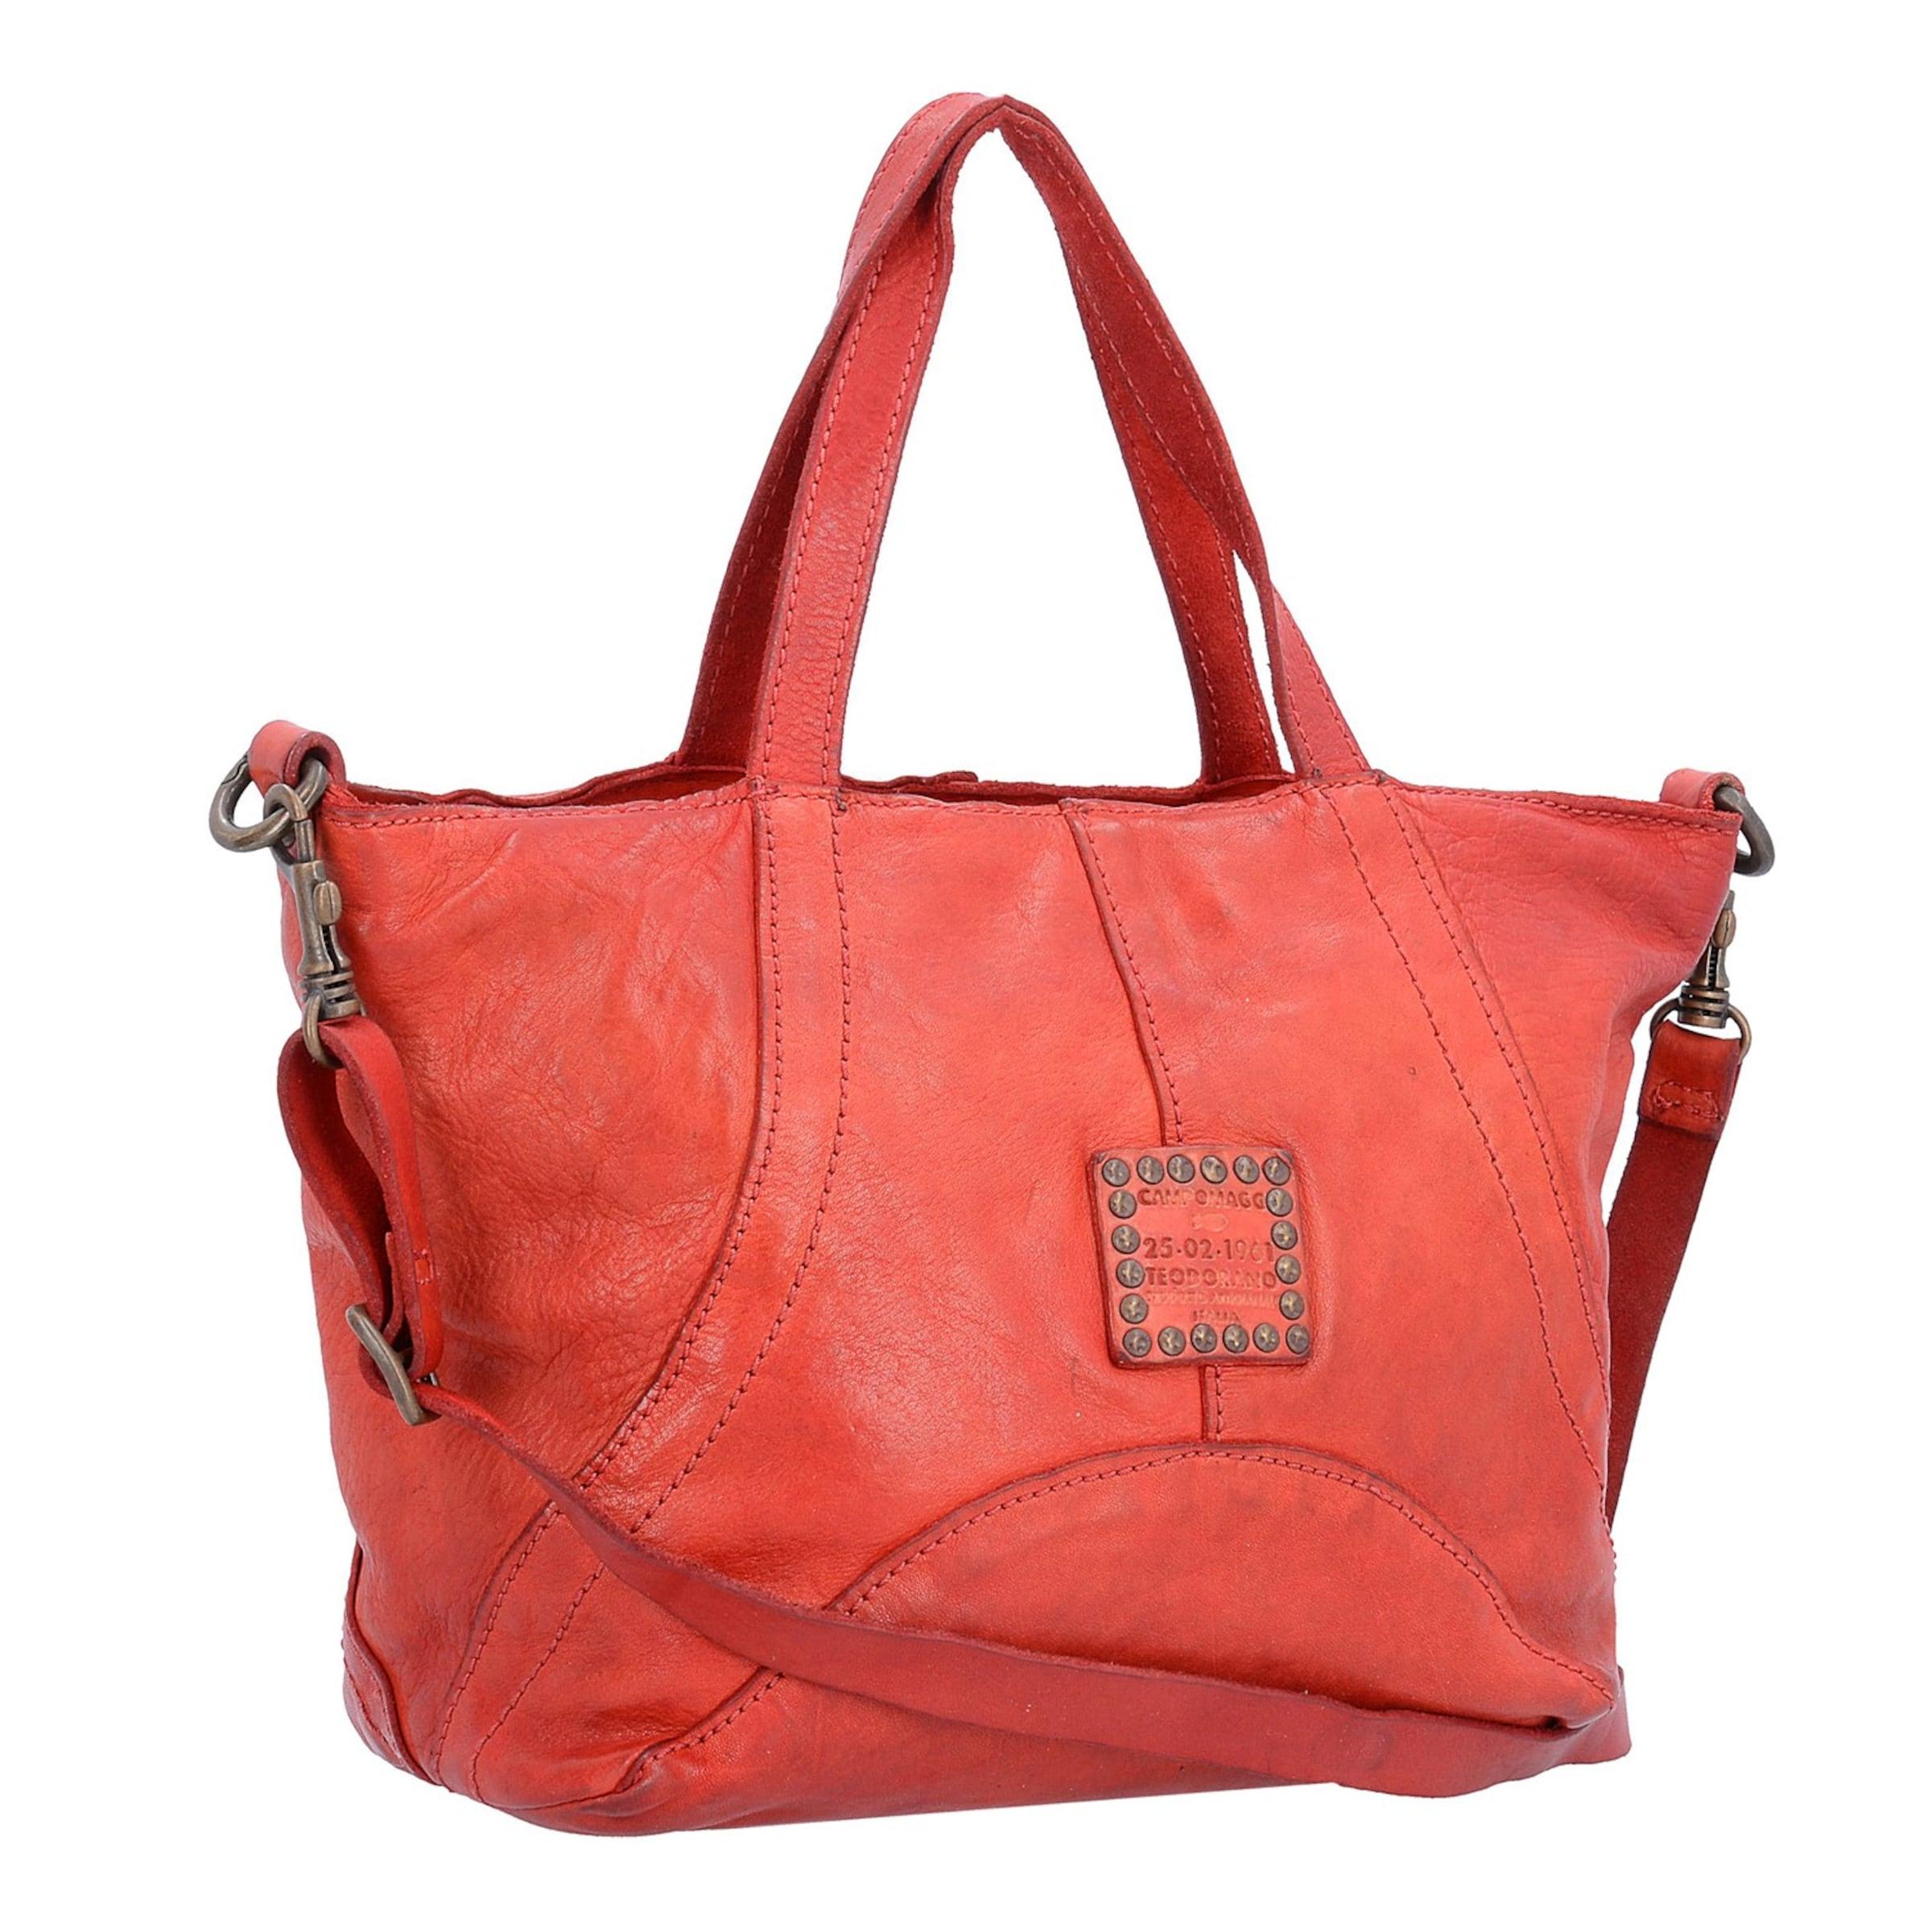 Leder Traditional Campomaggi Traditional Leder Traditional 24 cm cm Campomaggi Campomaggi Handtasche Handtasche 24 Leder cm 24 Campomaggi Handtasche wAp0UExq